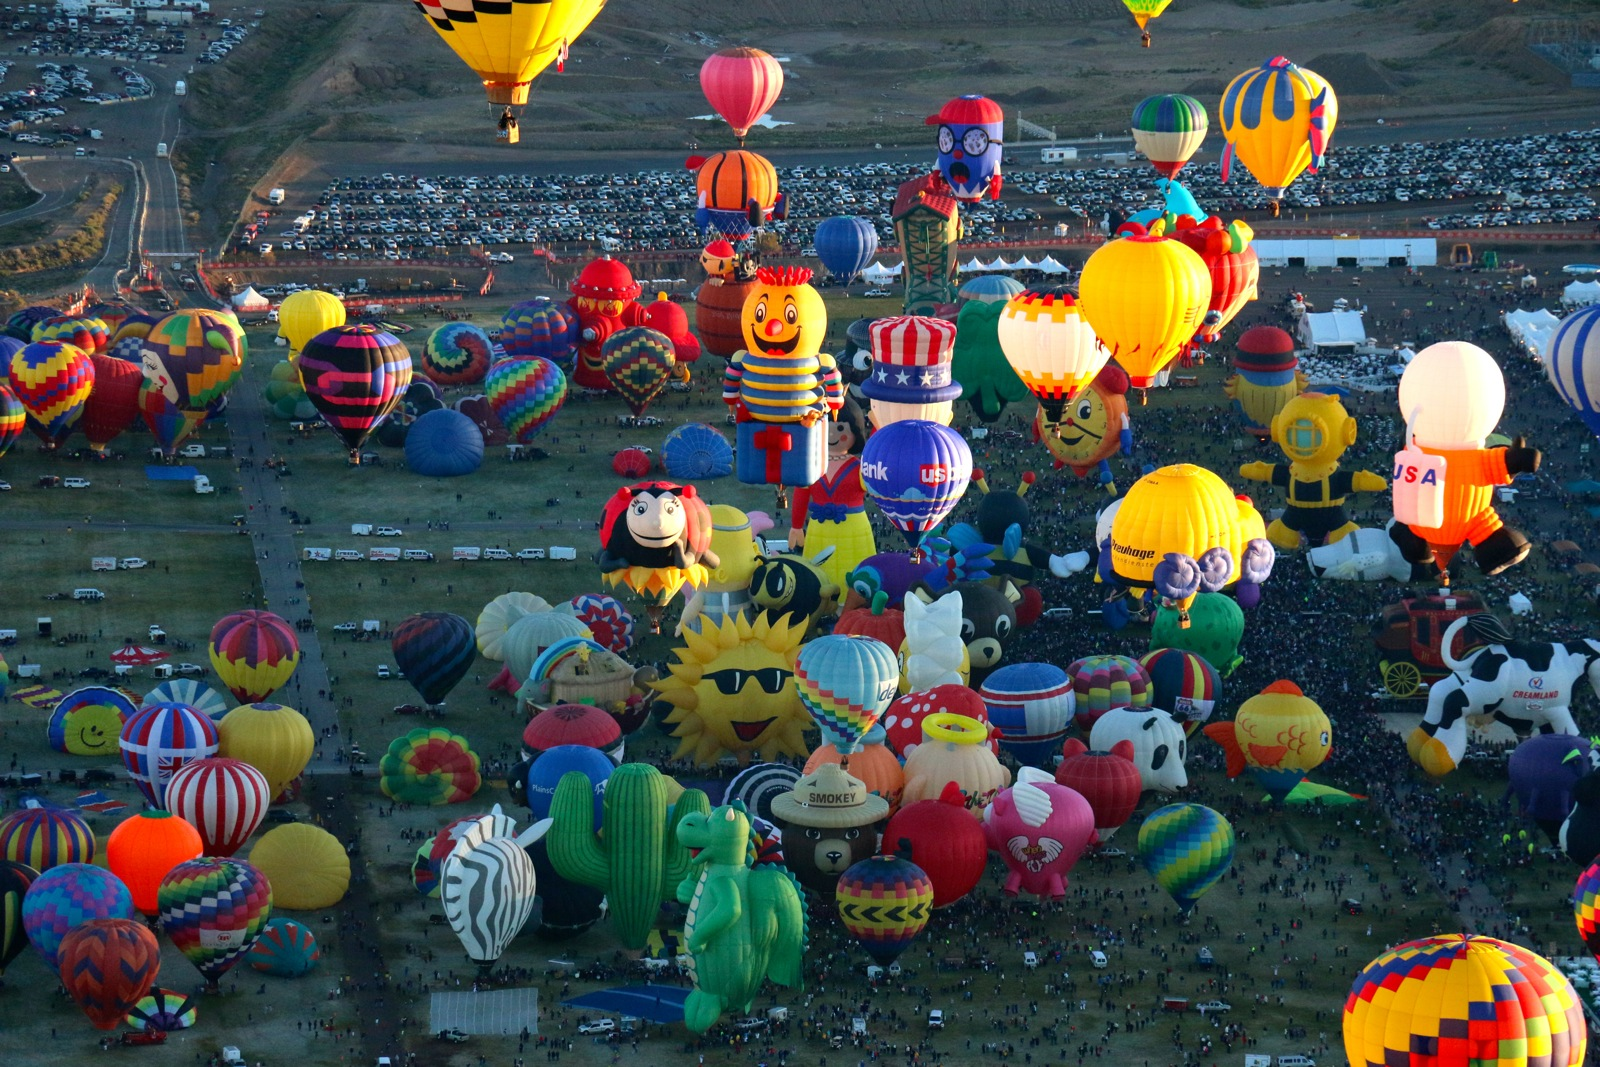 Albuquerque_International_Balloon_Fiesta_2013_Art_Gimbel - 25